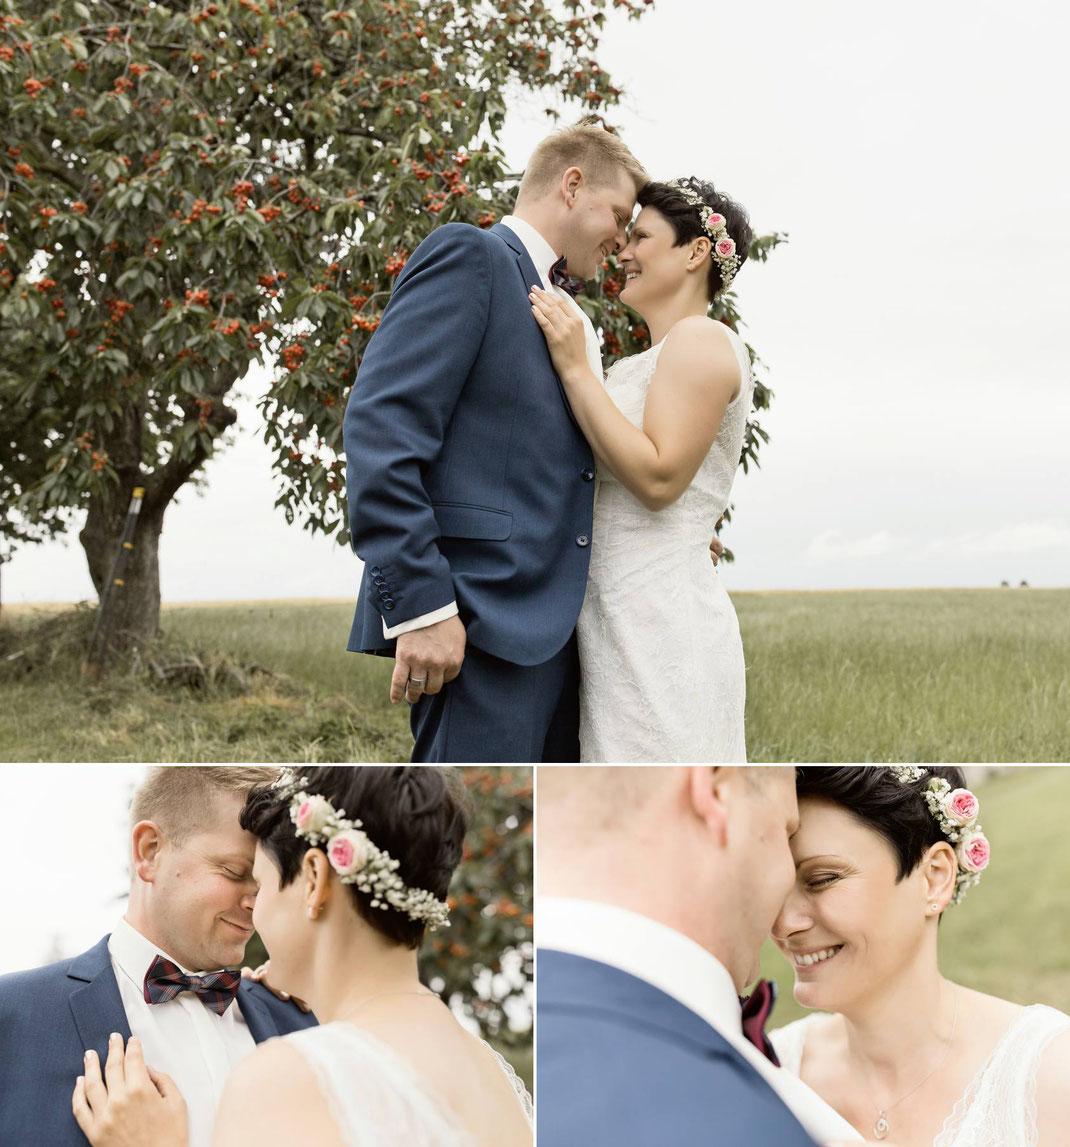 Glücksmomente, Hochzeitsfotografie, Hochzeitsfotograf, Fotograf seelitz, Fotograf,